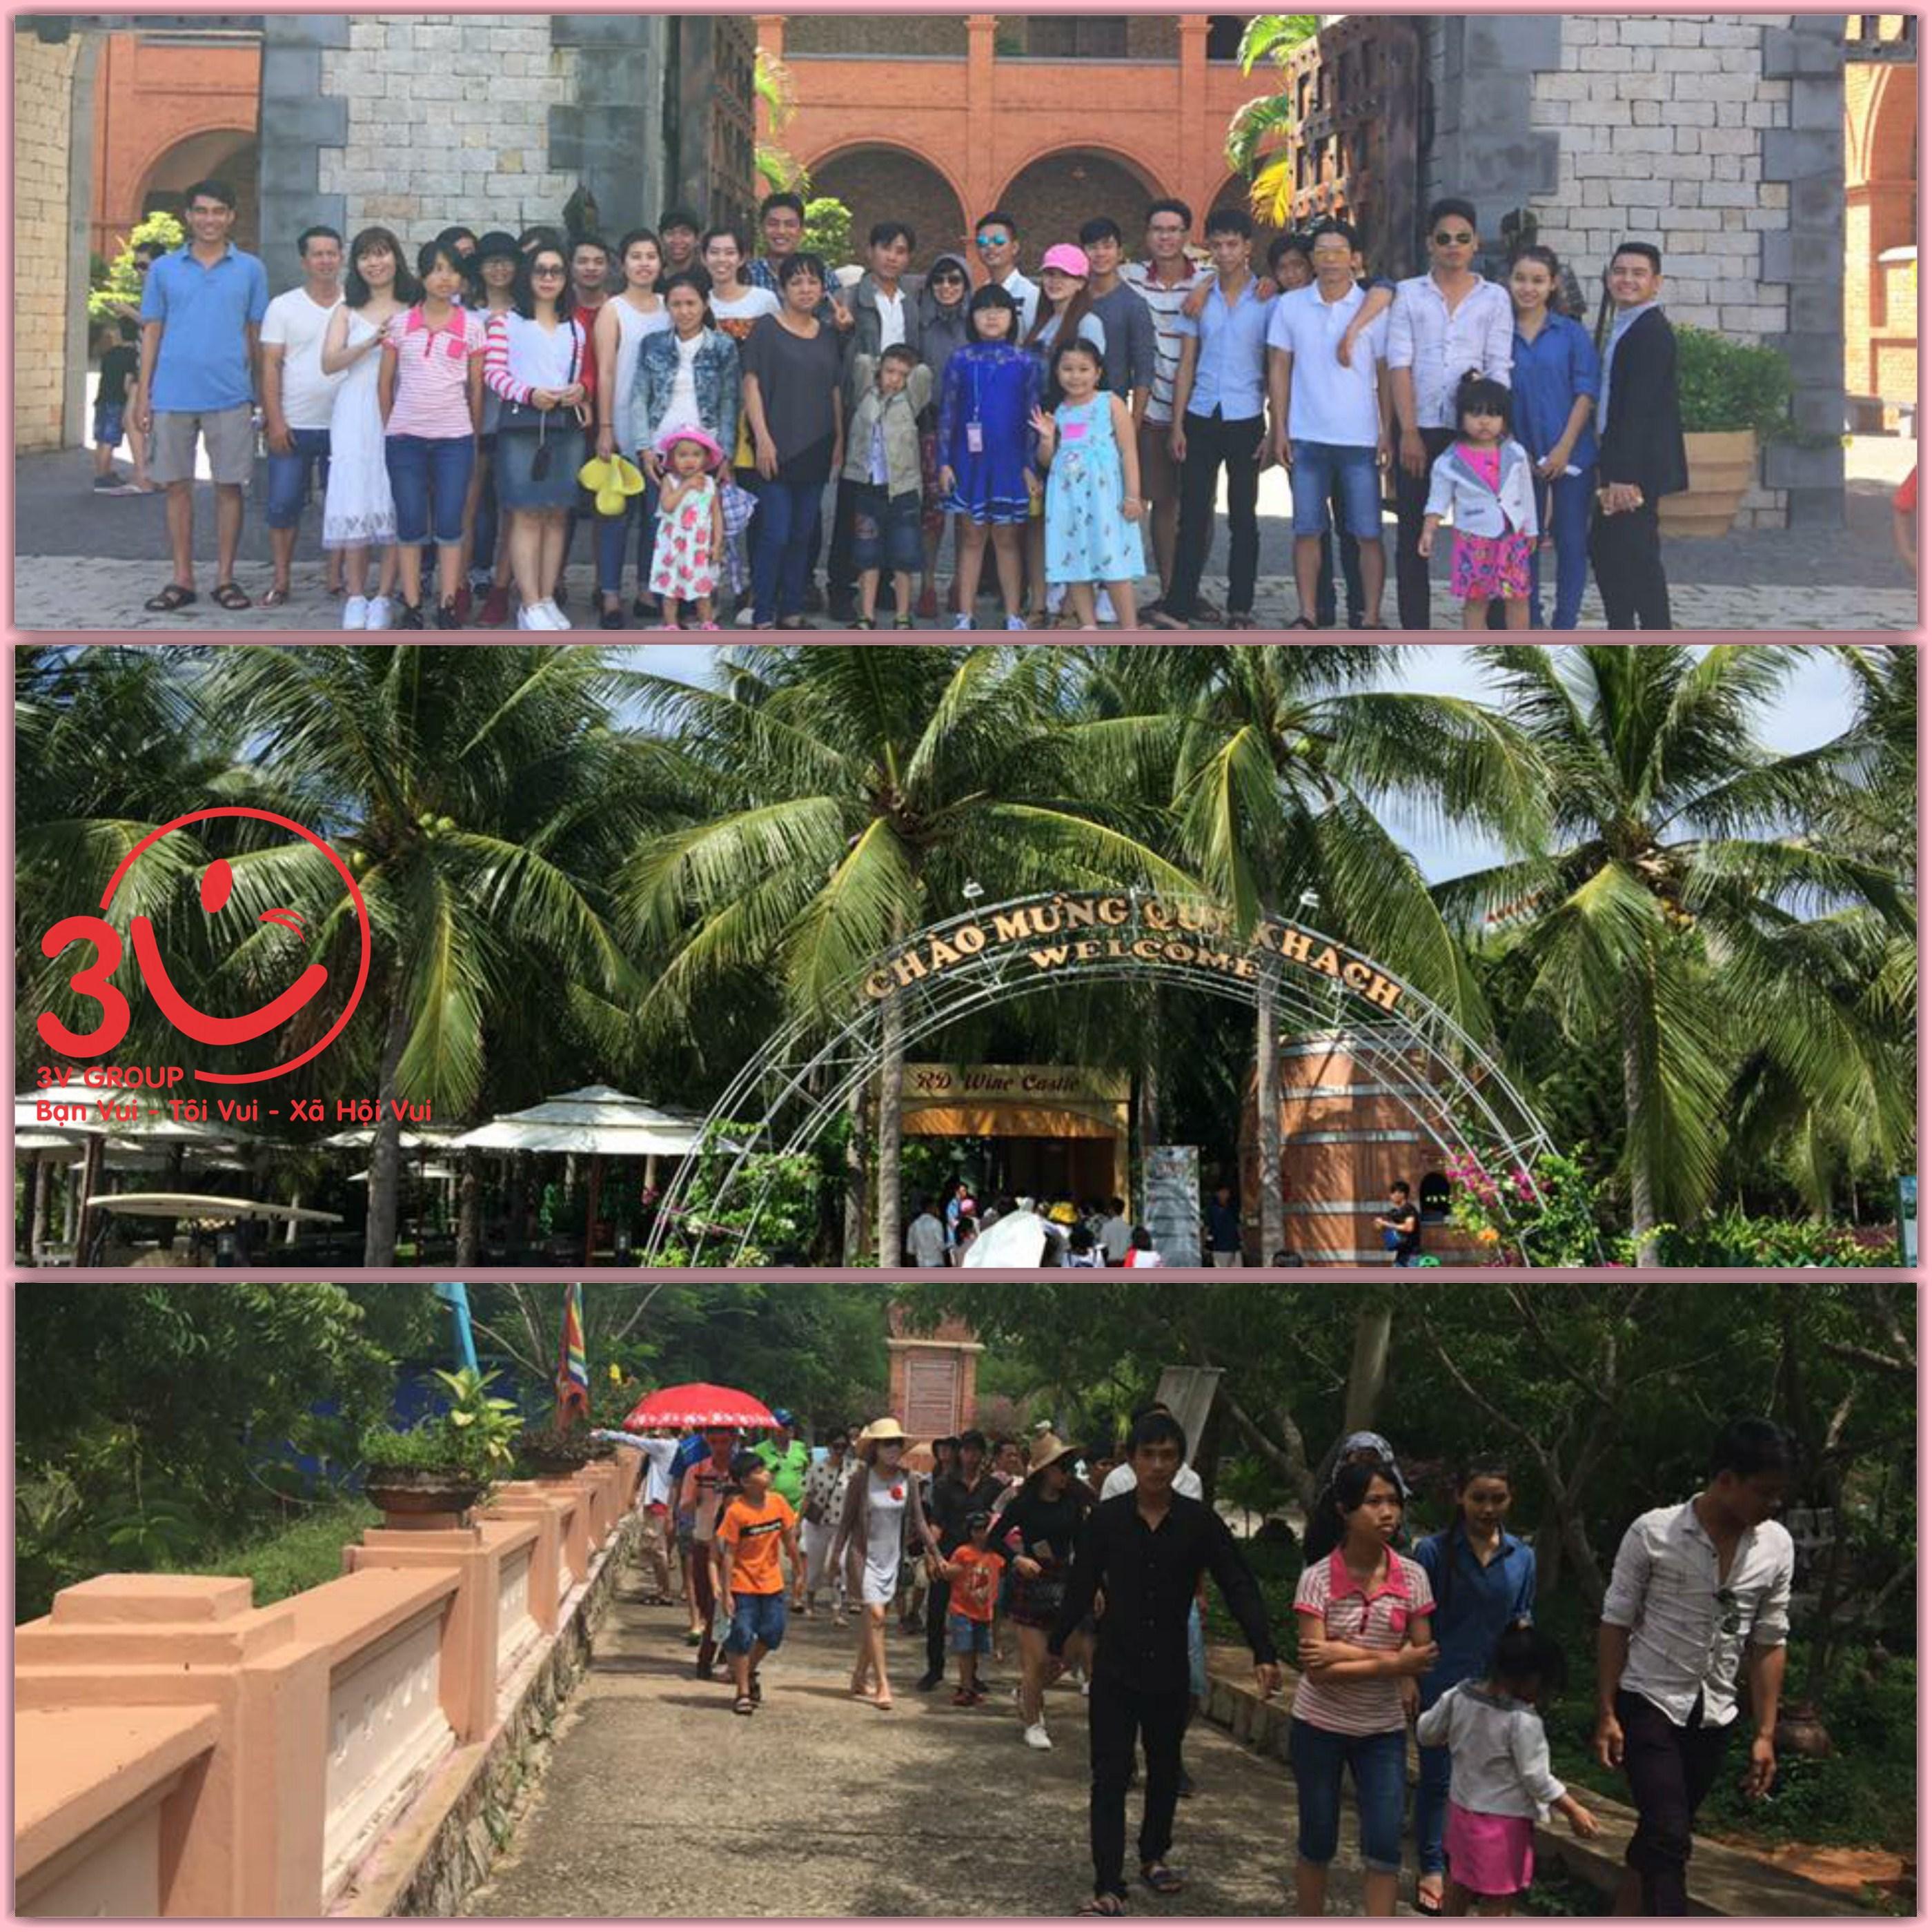 Sáng hôm sau, tạm rời xa khu nghỉ dưỡng, đoàn du lịch 3V được đưa đến những cảnh đẹp nổi tiếng của Phan Thiết